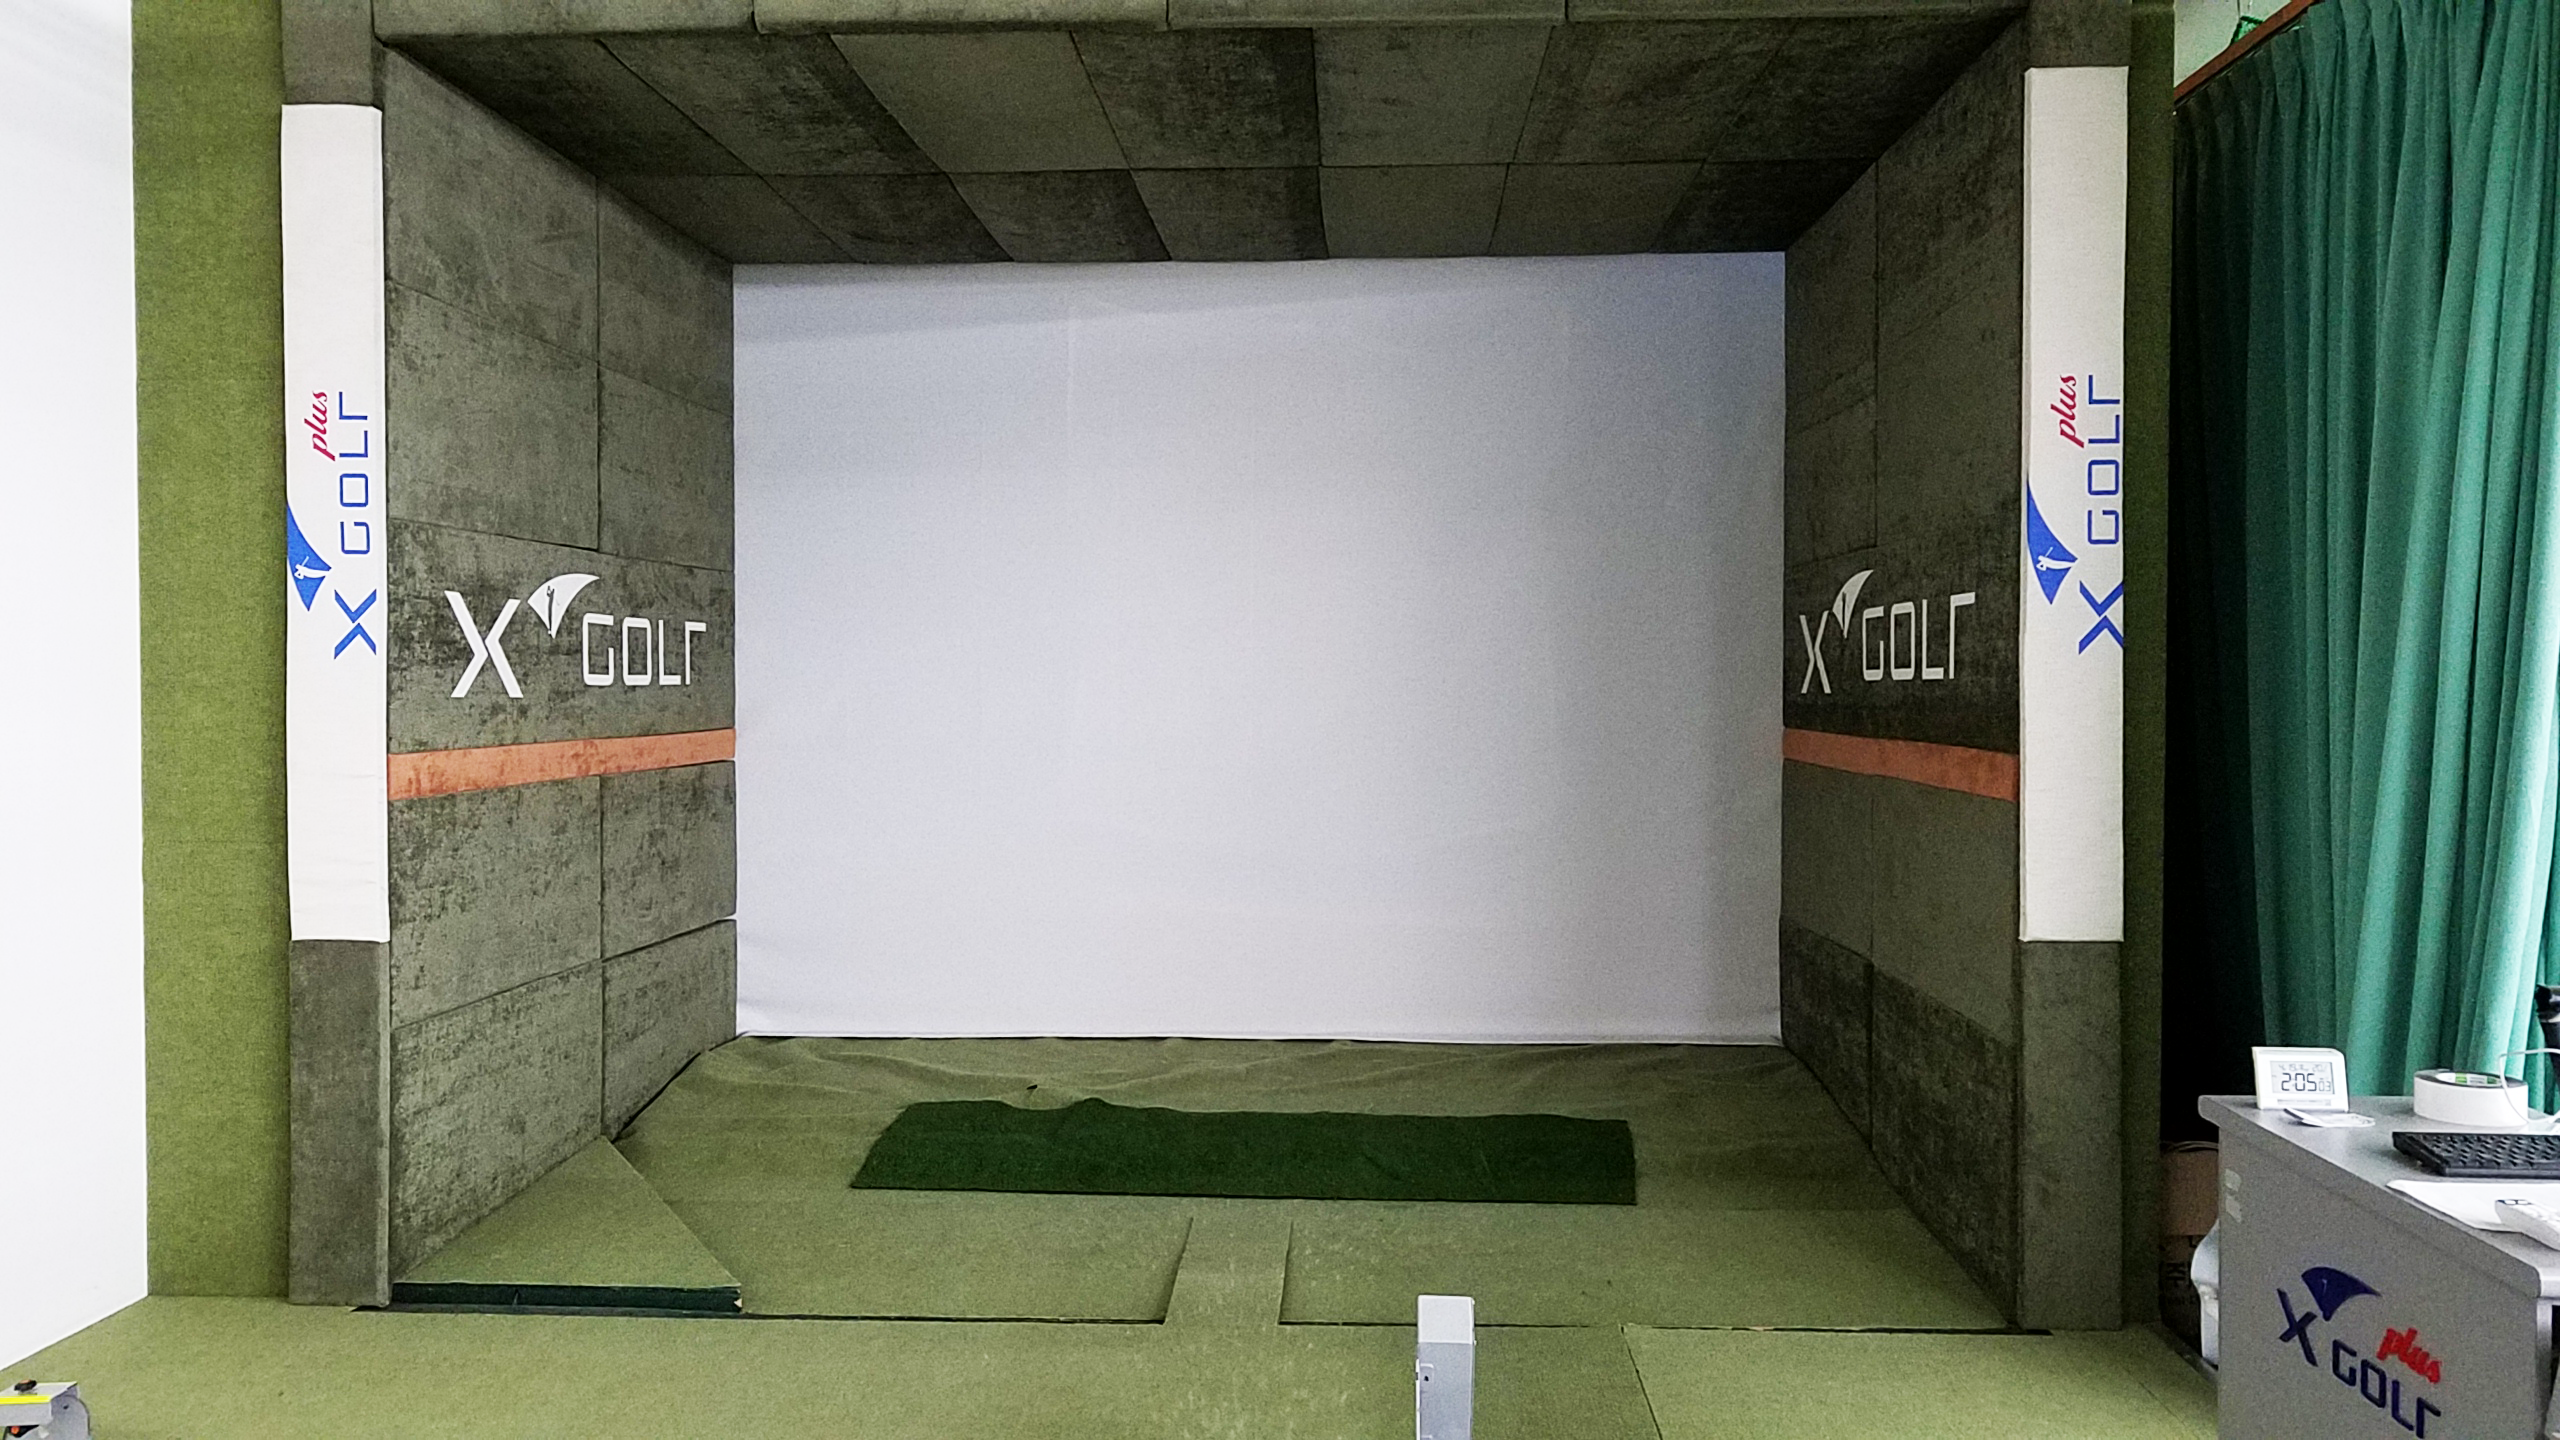 シミュレーションゴルフ 奈良 ゴルフ練習